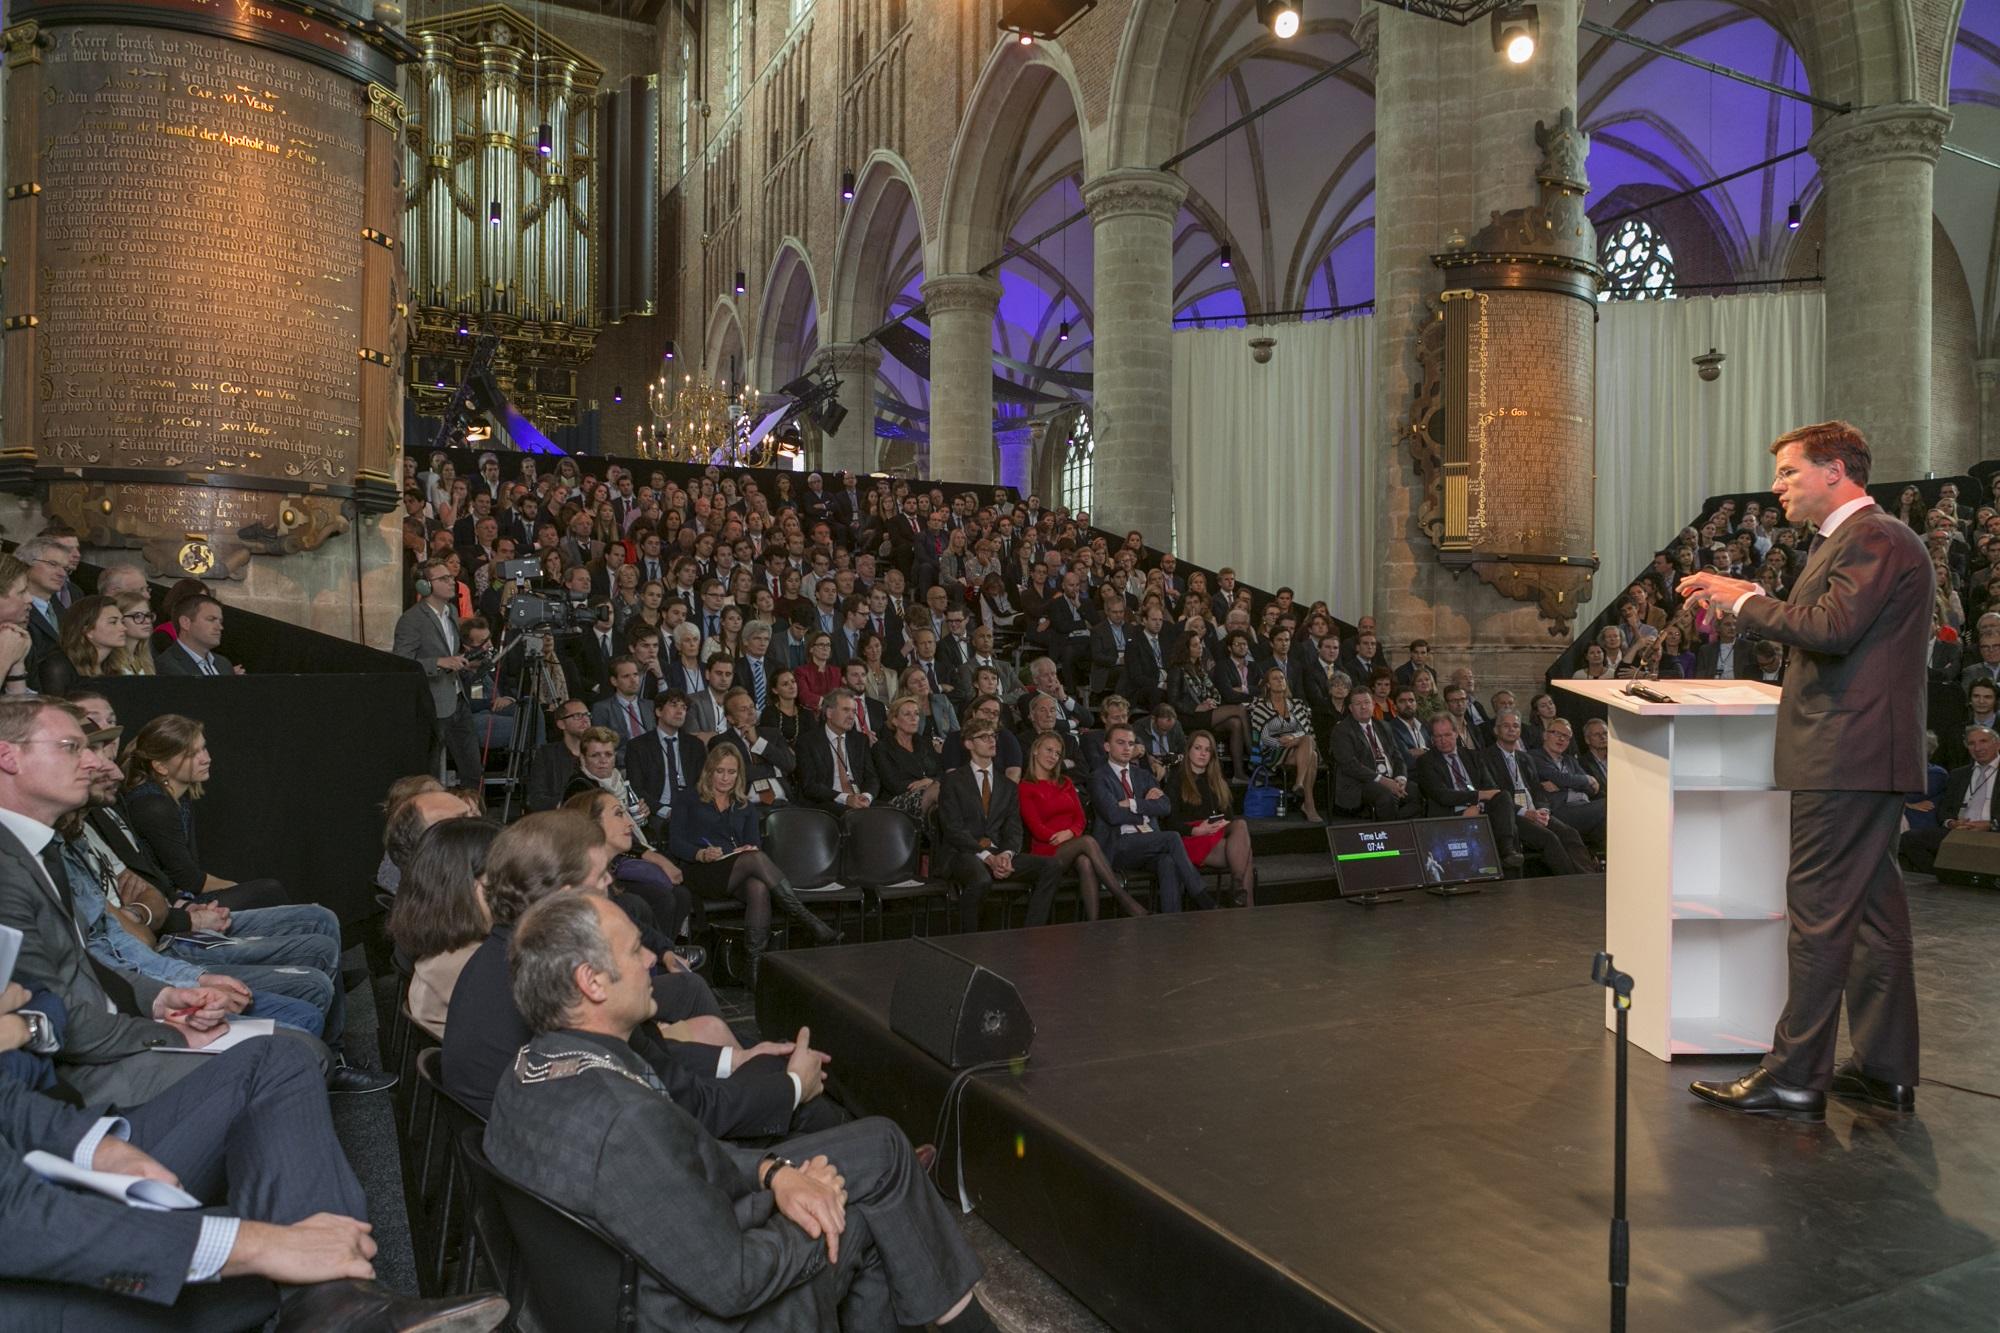 Bevrijd van zekerheid, 35ste symposium met gast-spreker Minister President Mark Rutte, georganiseerd door de Veerstichting